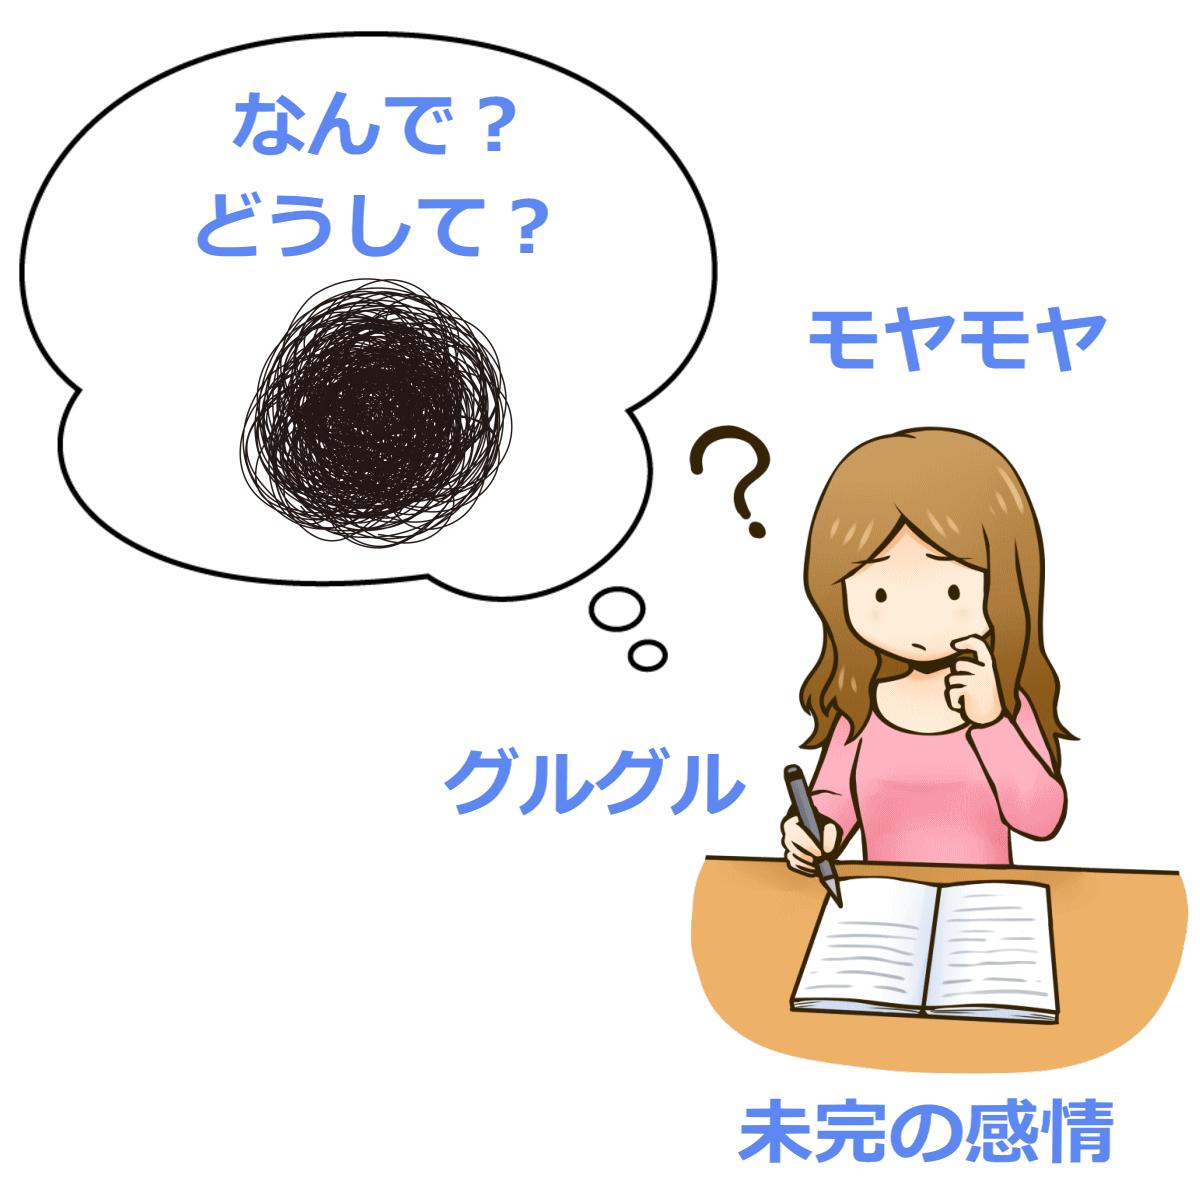 未完の感情とは何か?を表しているイラスト